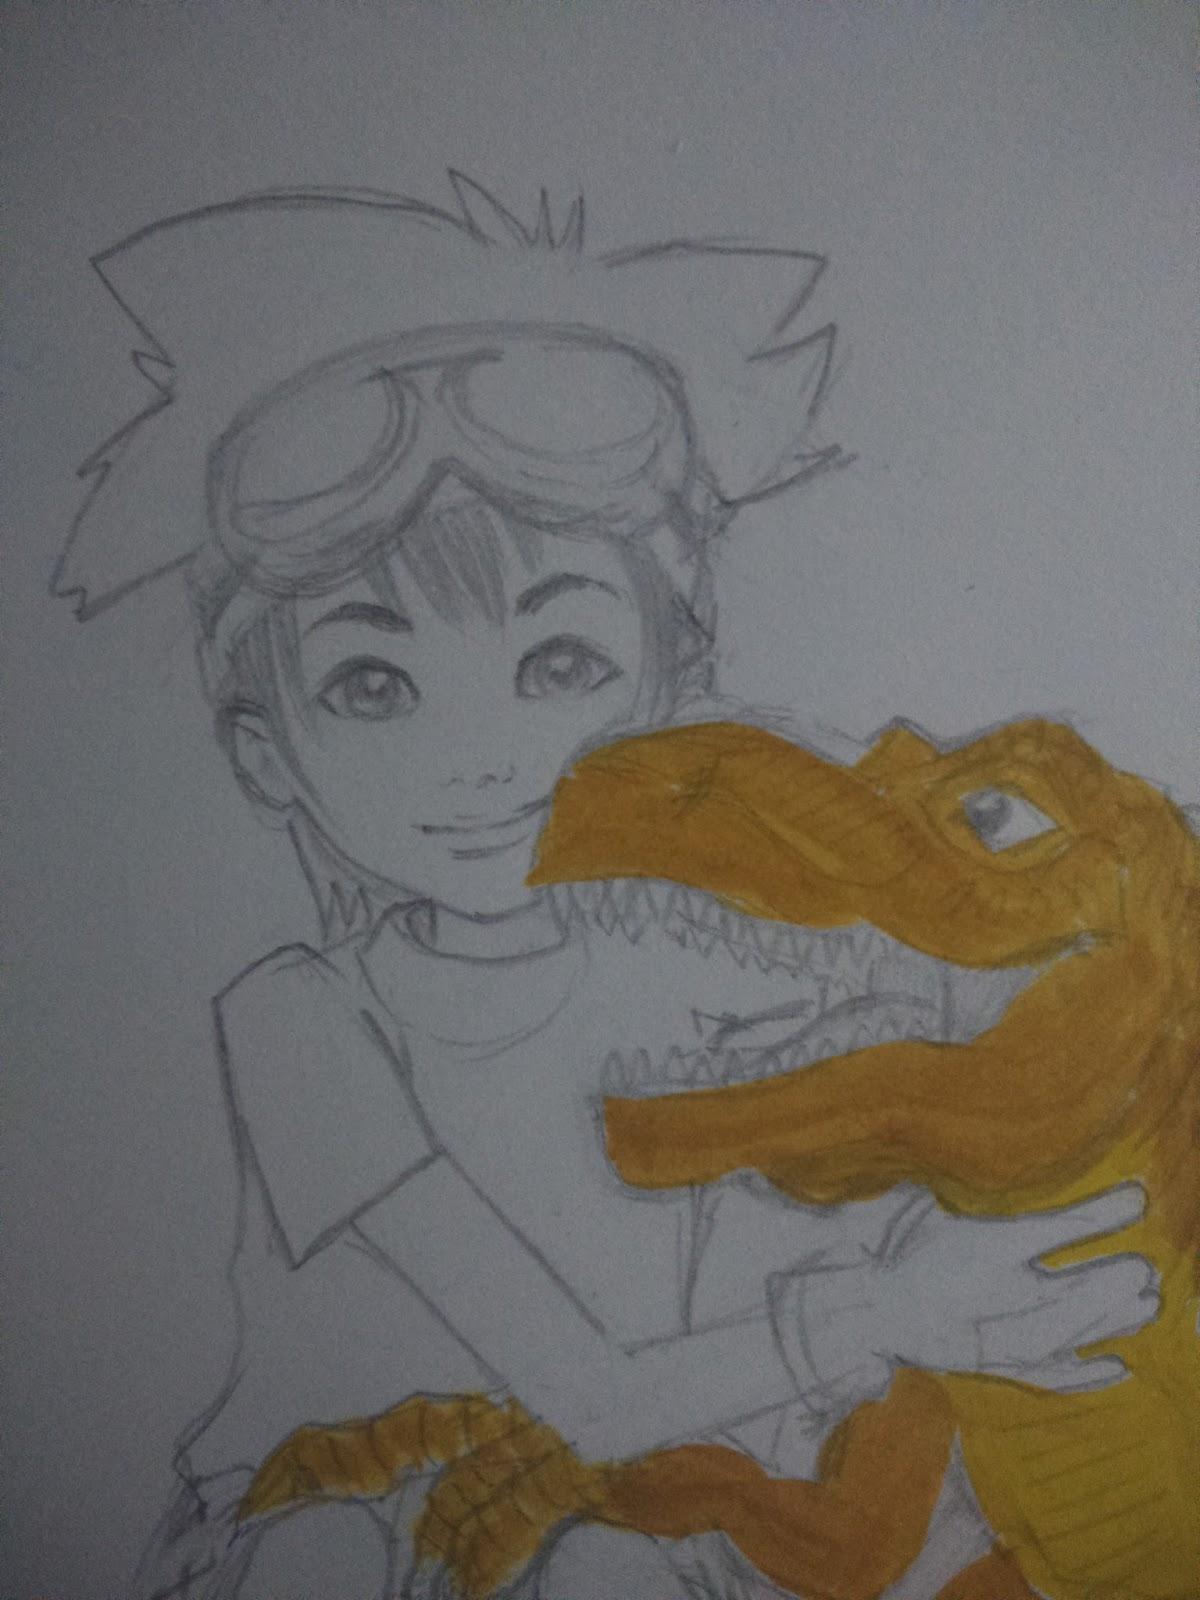 Digimon, los monstruos digitales! Parte I | Mr. Pencilmaniac